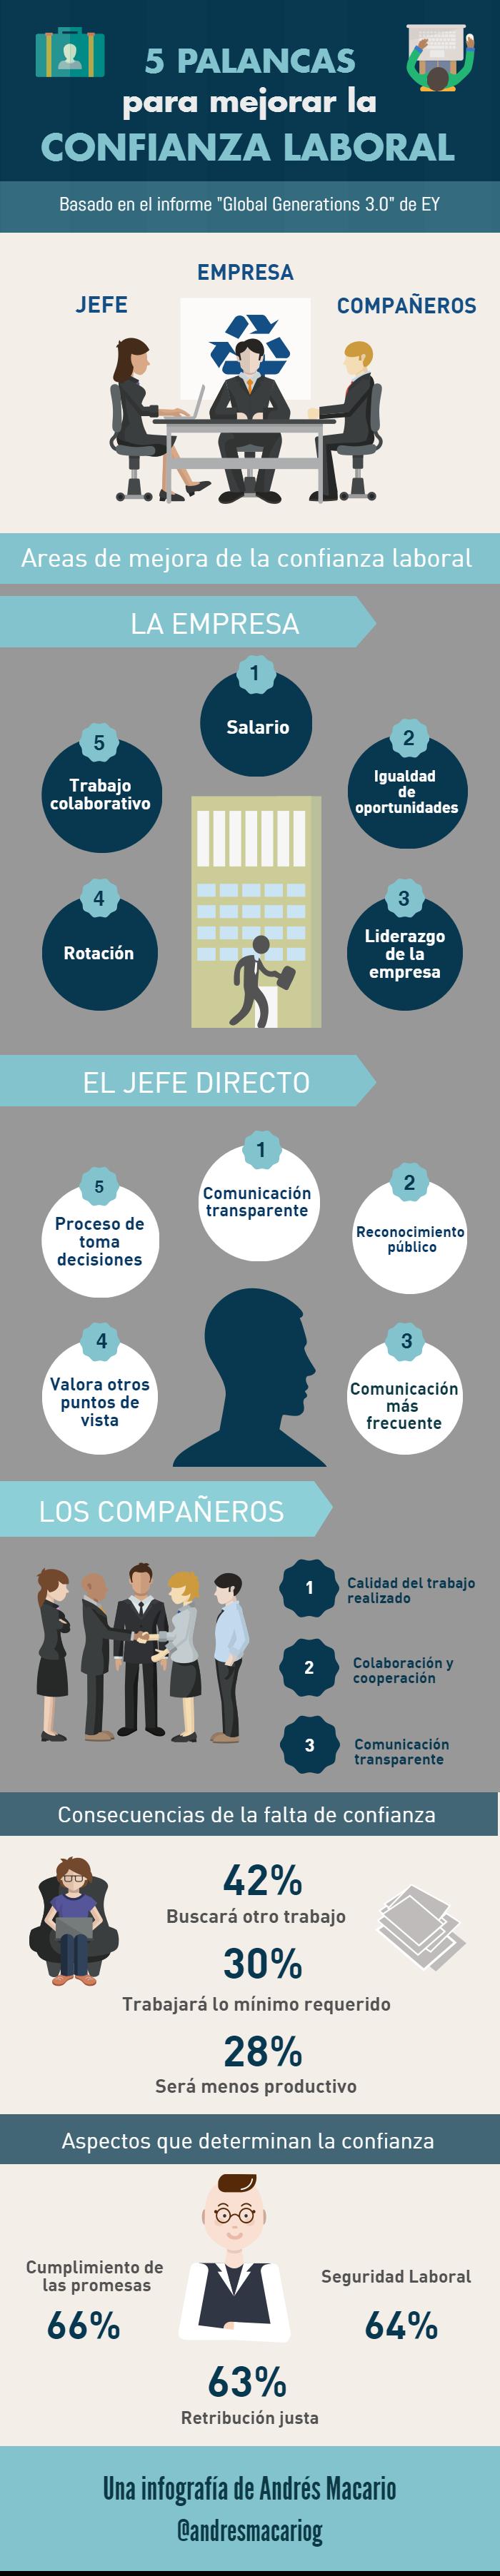 5 palancas para mejorar la confianza laboral #infografía - Andres Macario